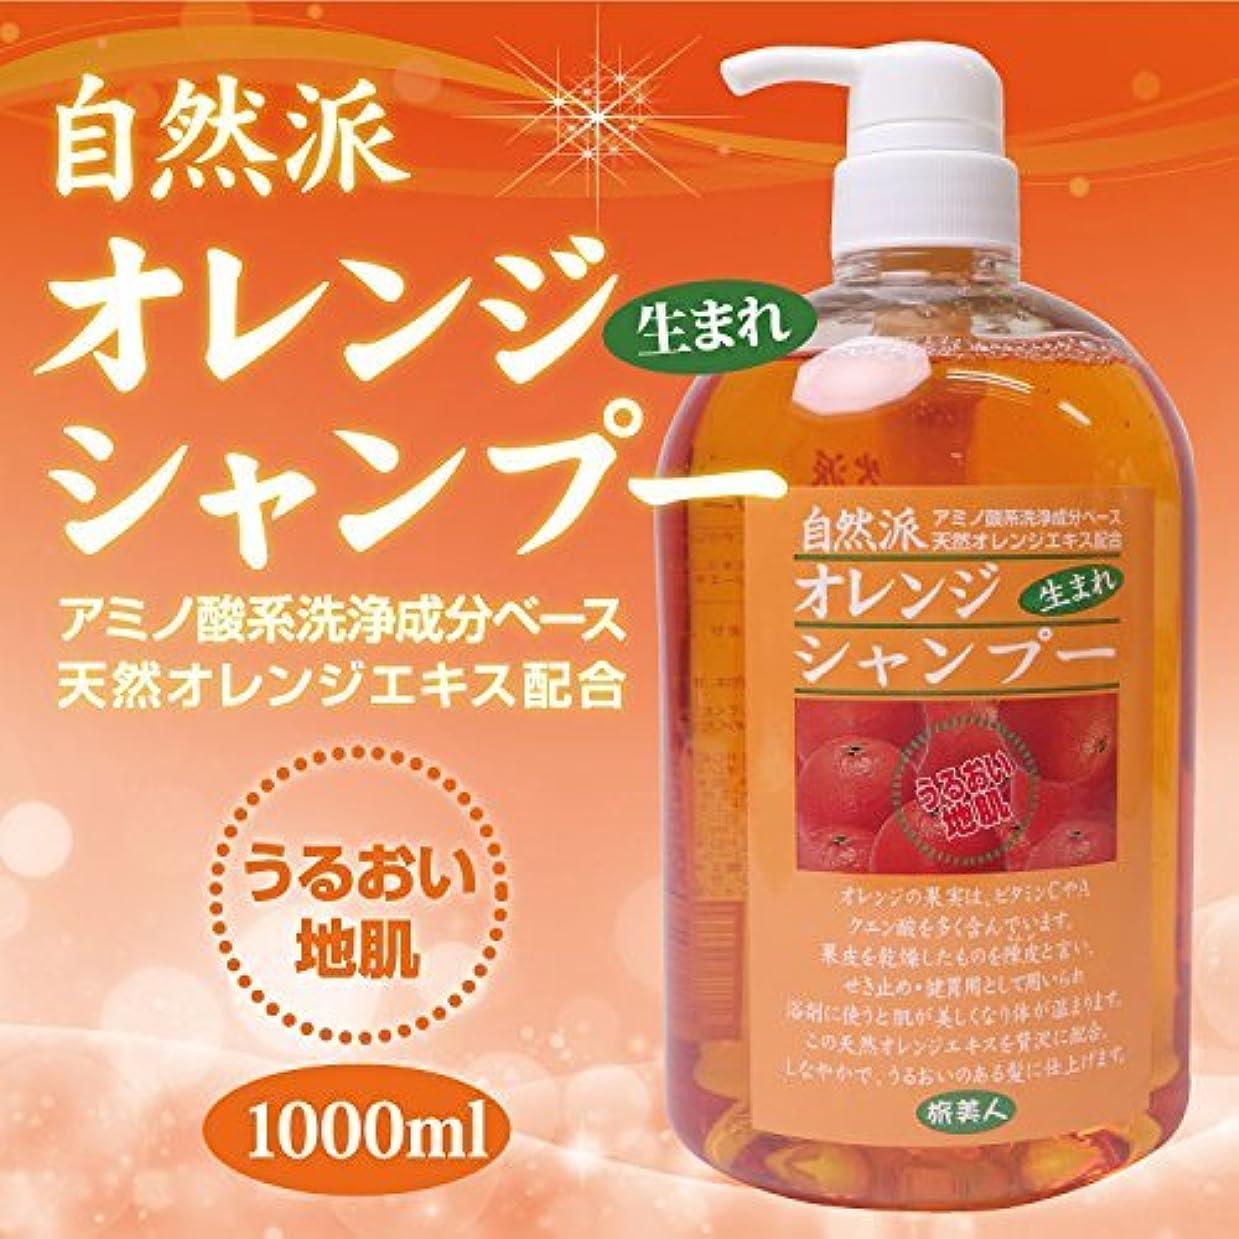 ジョットディボンドンとても多くの結果アズマ商事の 自然派 オレンジシャンプー 1000ml